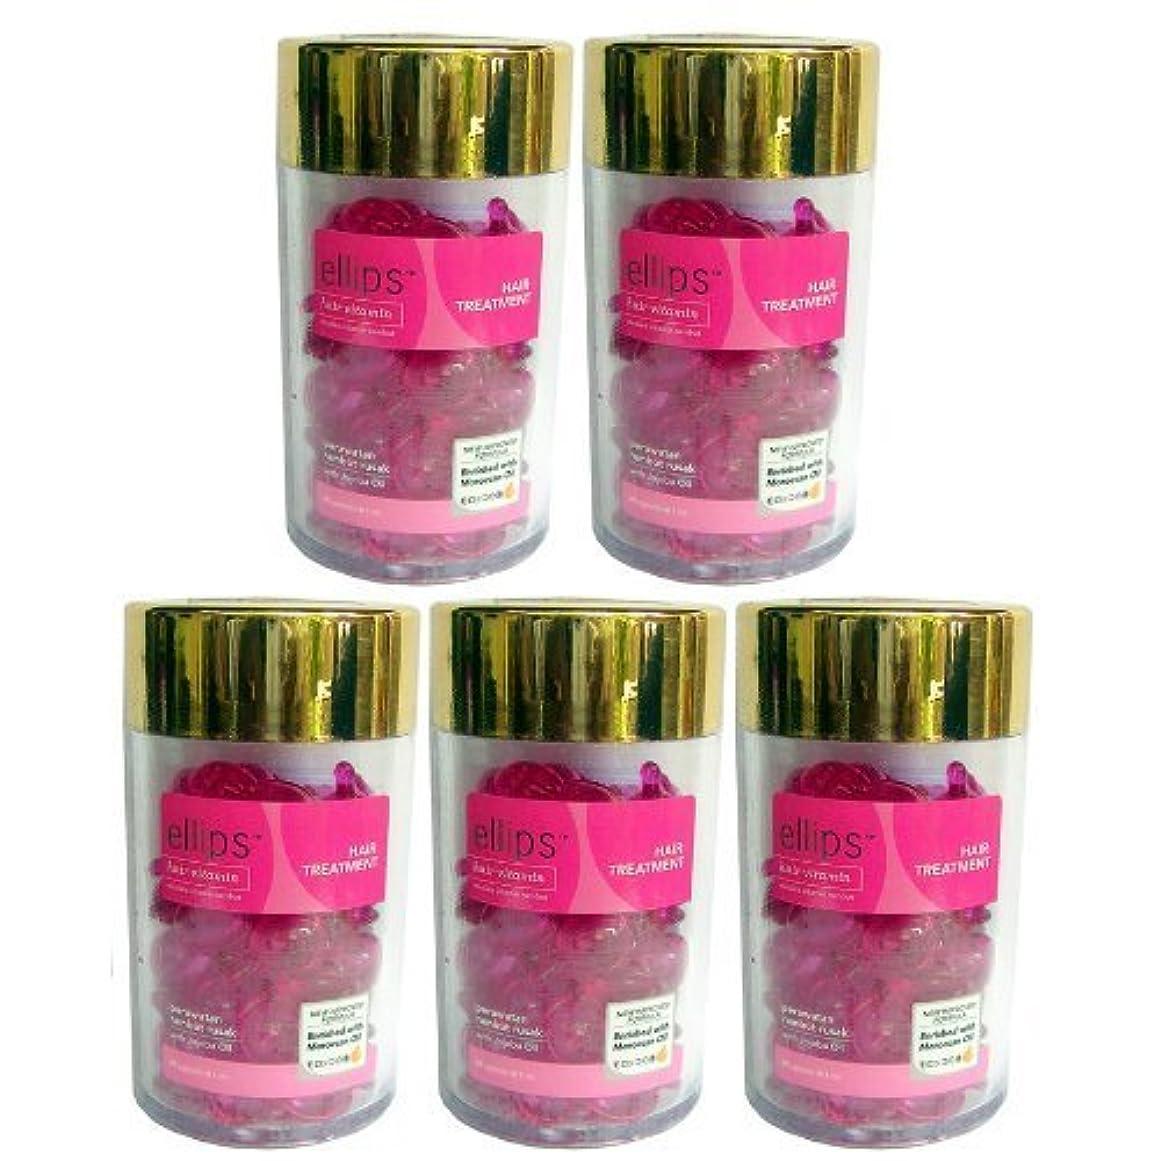 ローズファイアル人差し指エリップス ellips ヘアビタミン洗い流さないヘアトリートメント(並行輸入品) (ピンク5本)